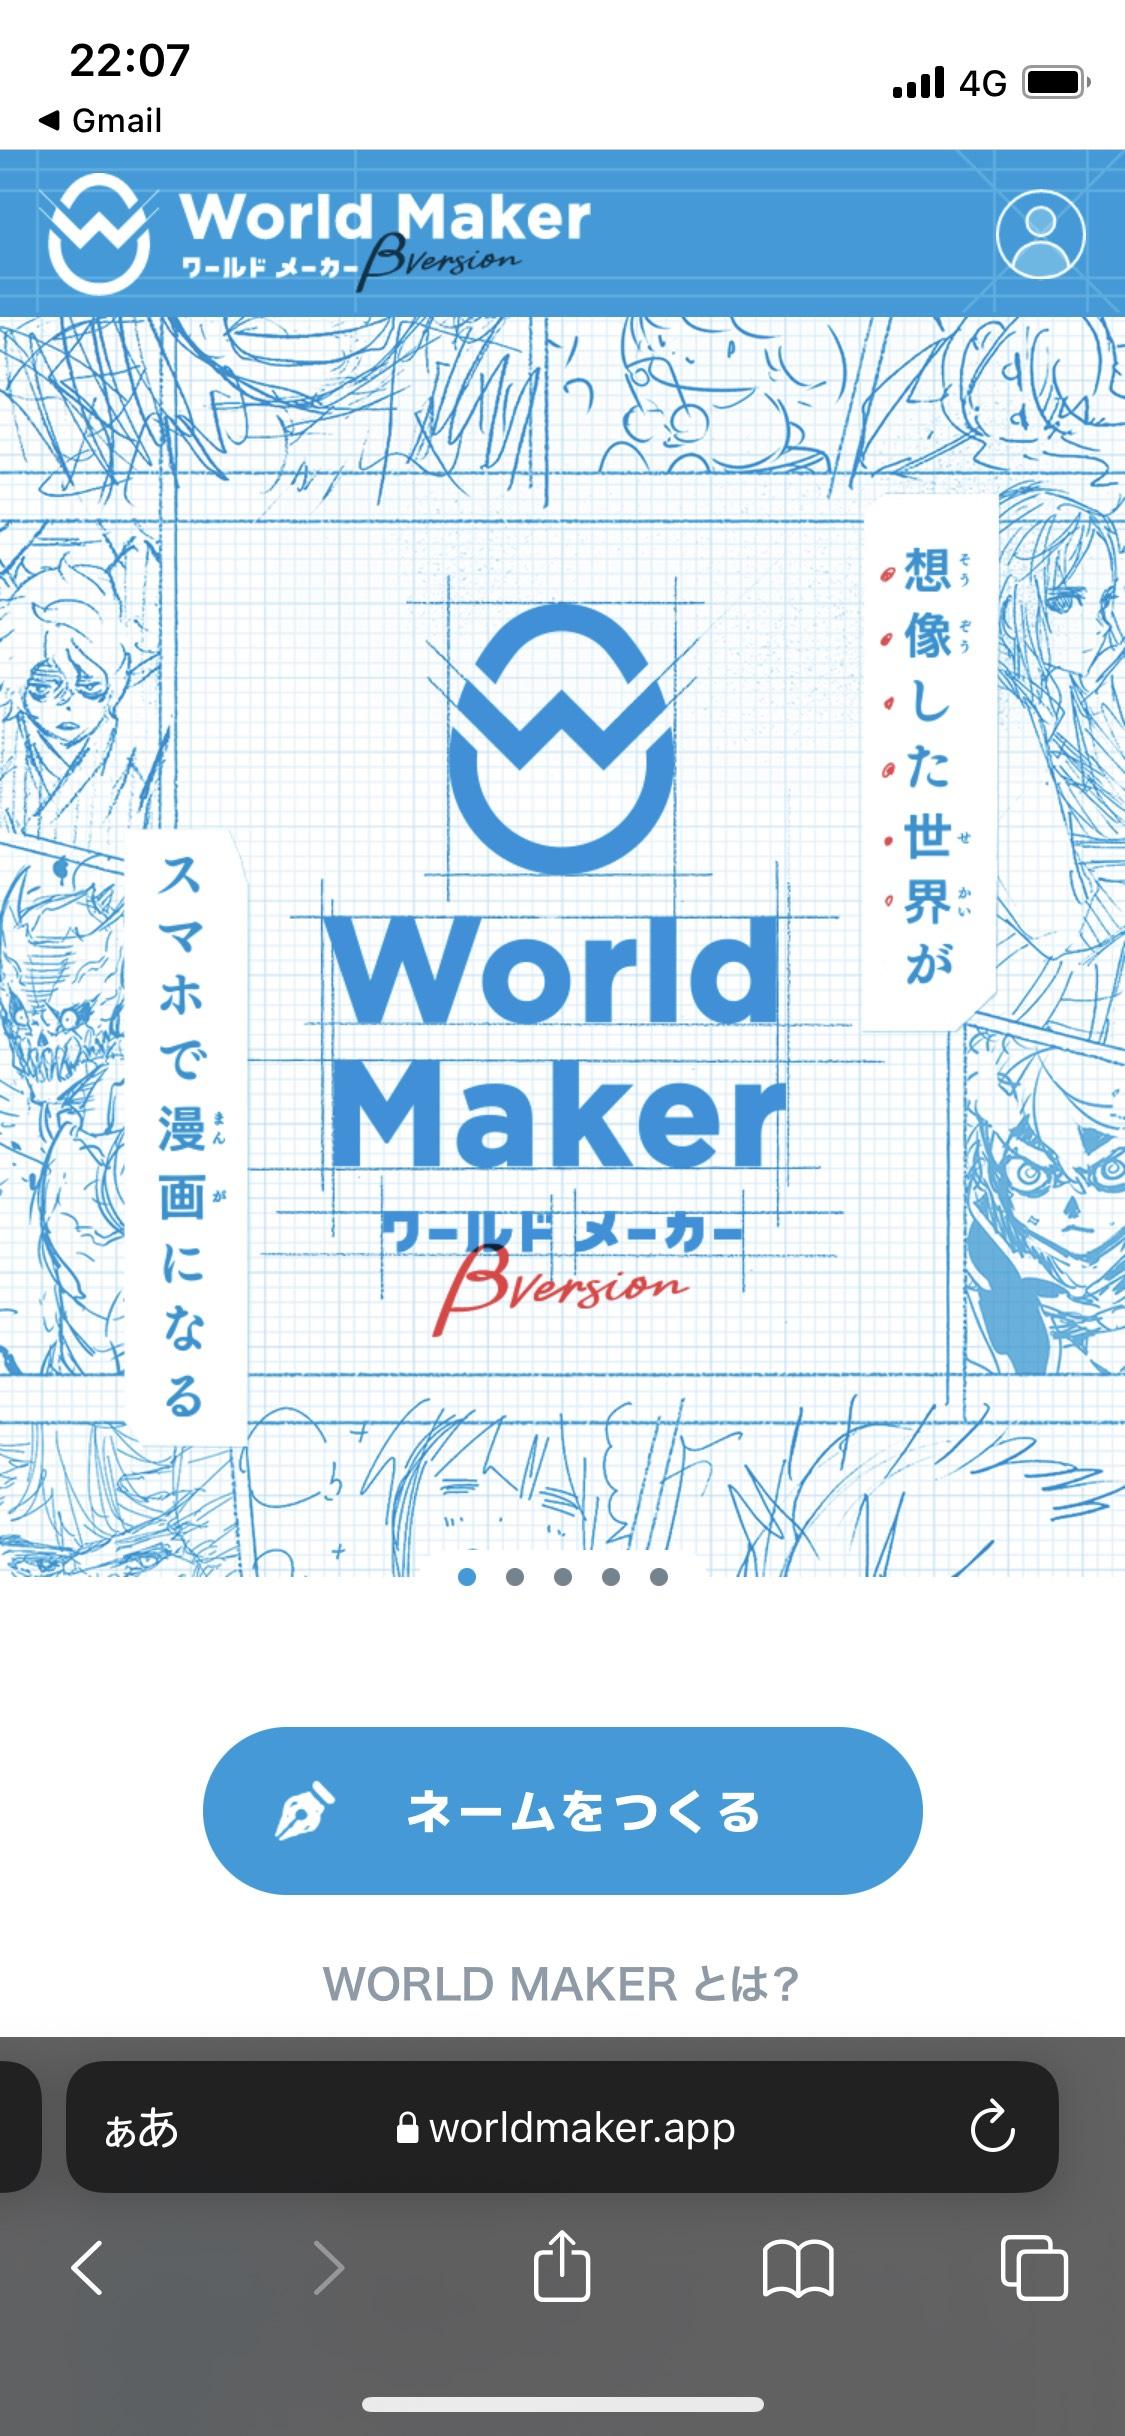 World Maker β | 想像した世界が漫画ネームになる by ジャンプ+